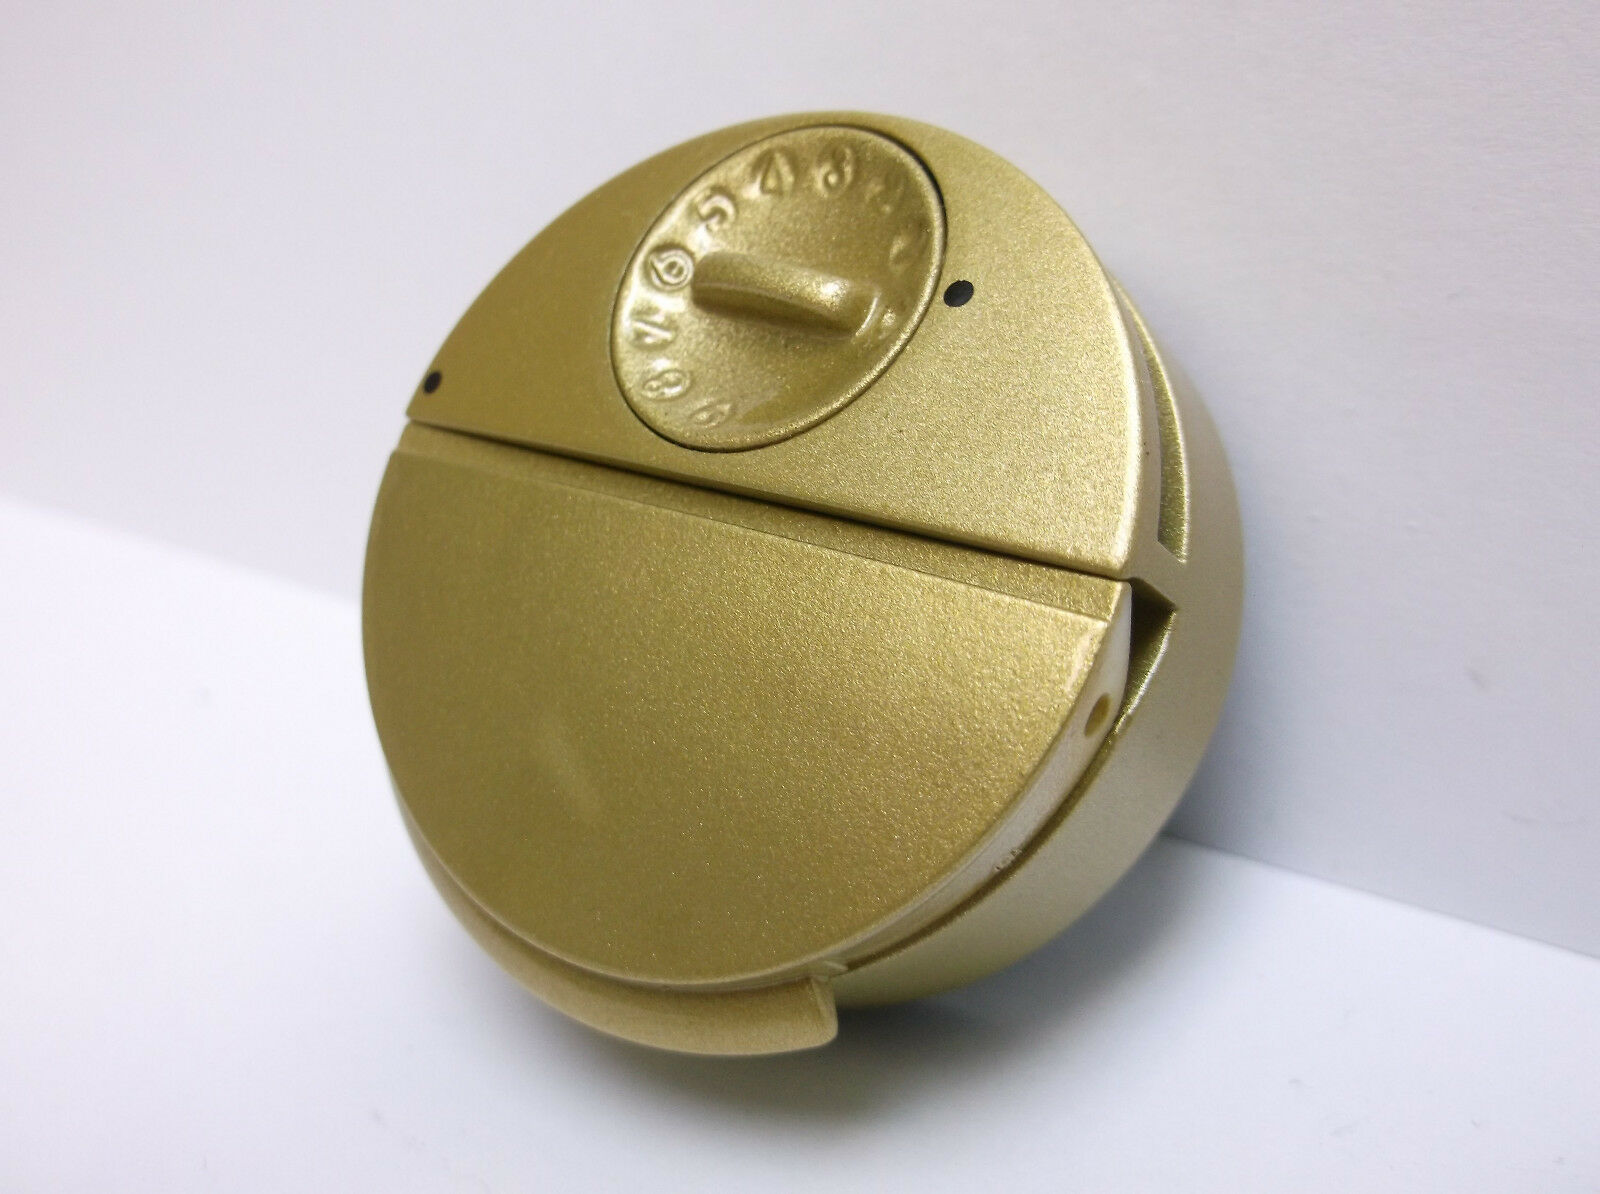 Abu Garcia Reel part - 20524 ambassadeur Gold max 1 Sprint-baïonnette complet